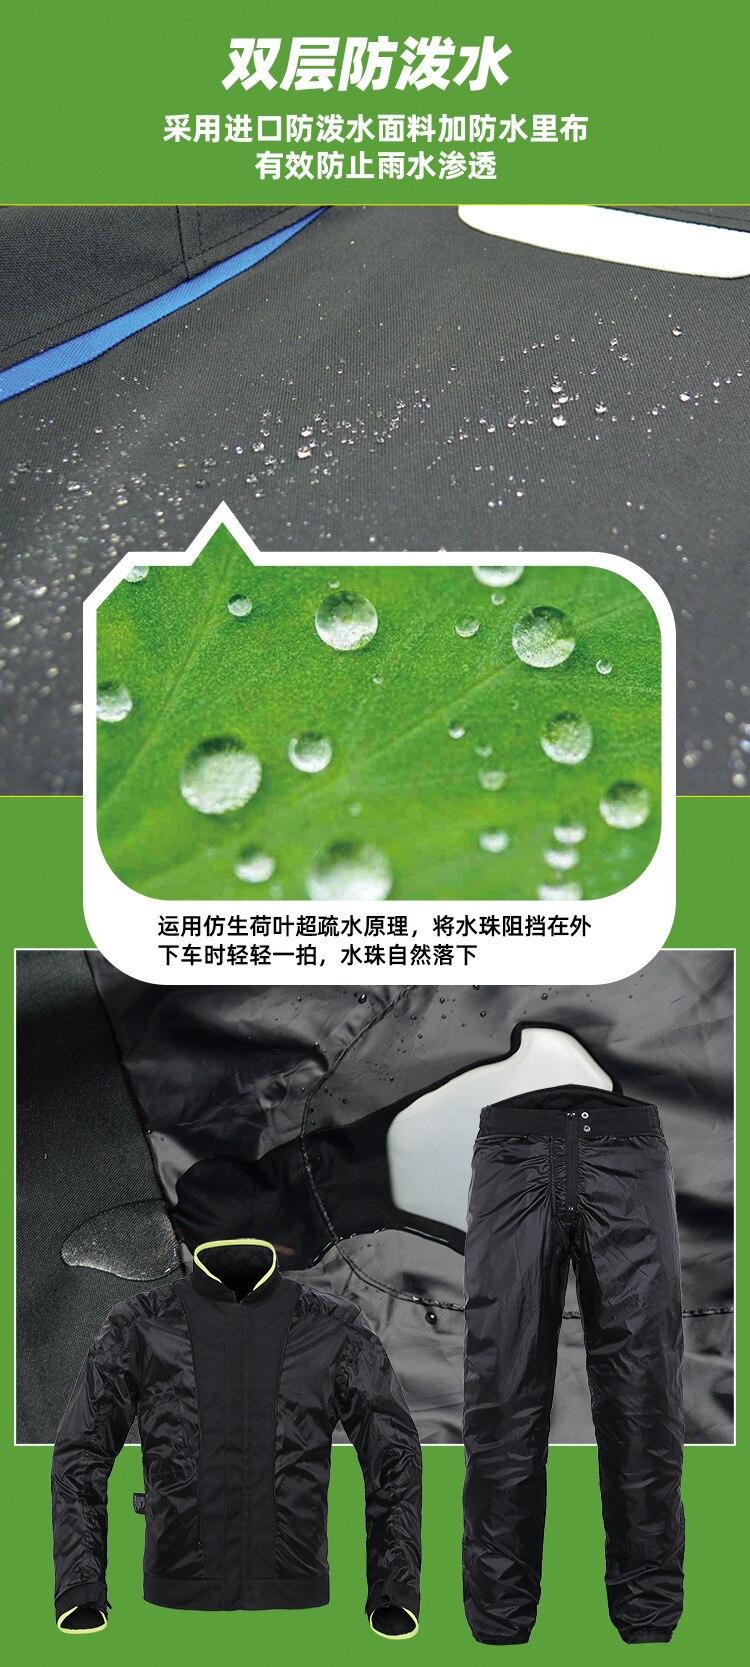 MC-1702产品卖点3-普惠体.jpg